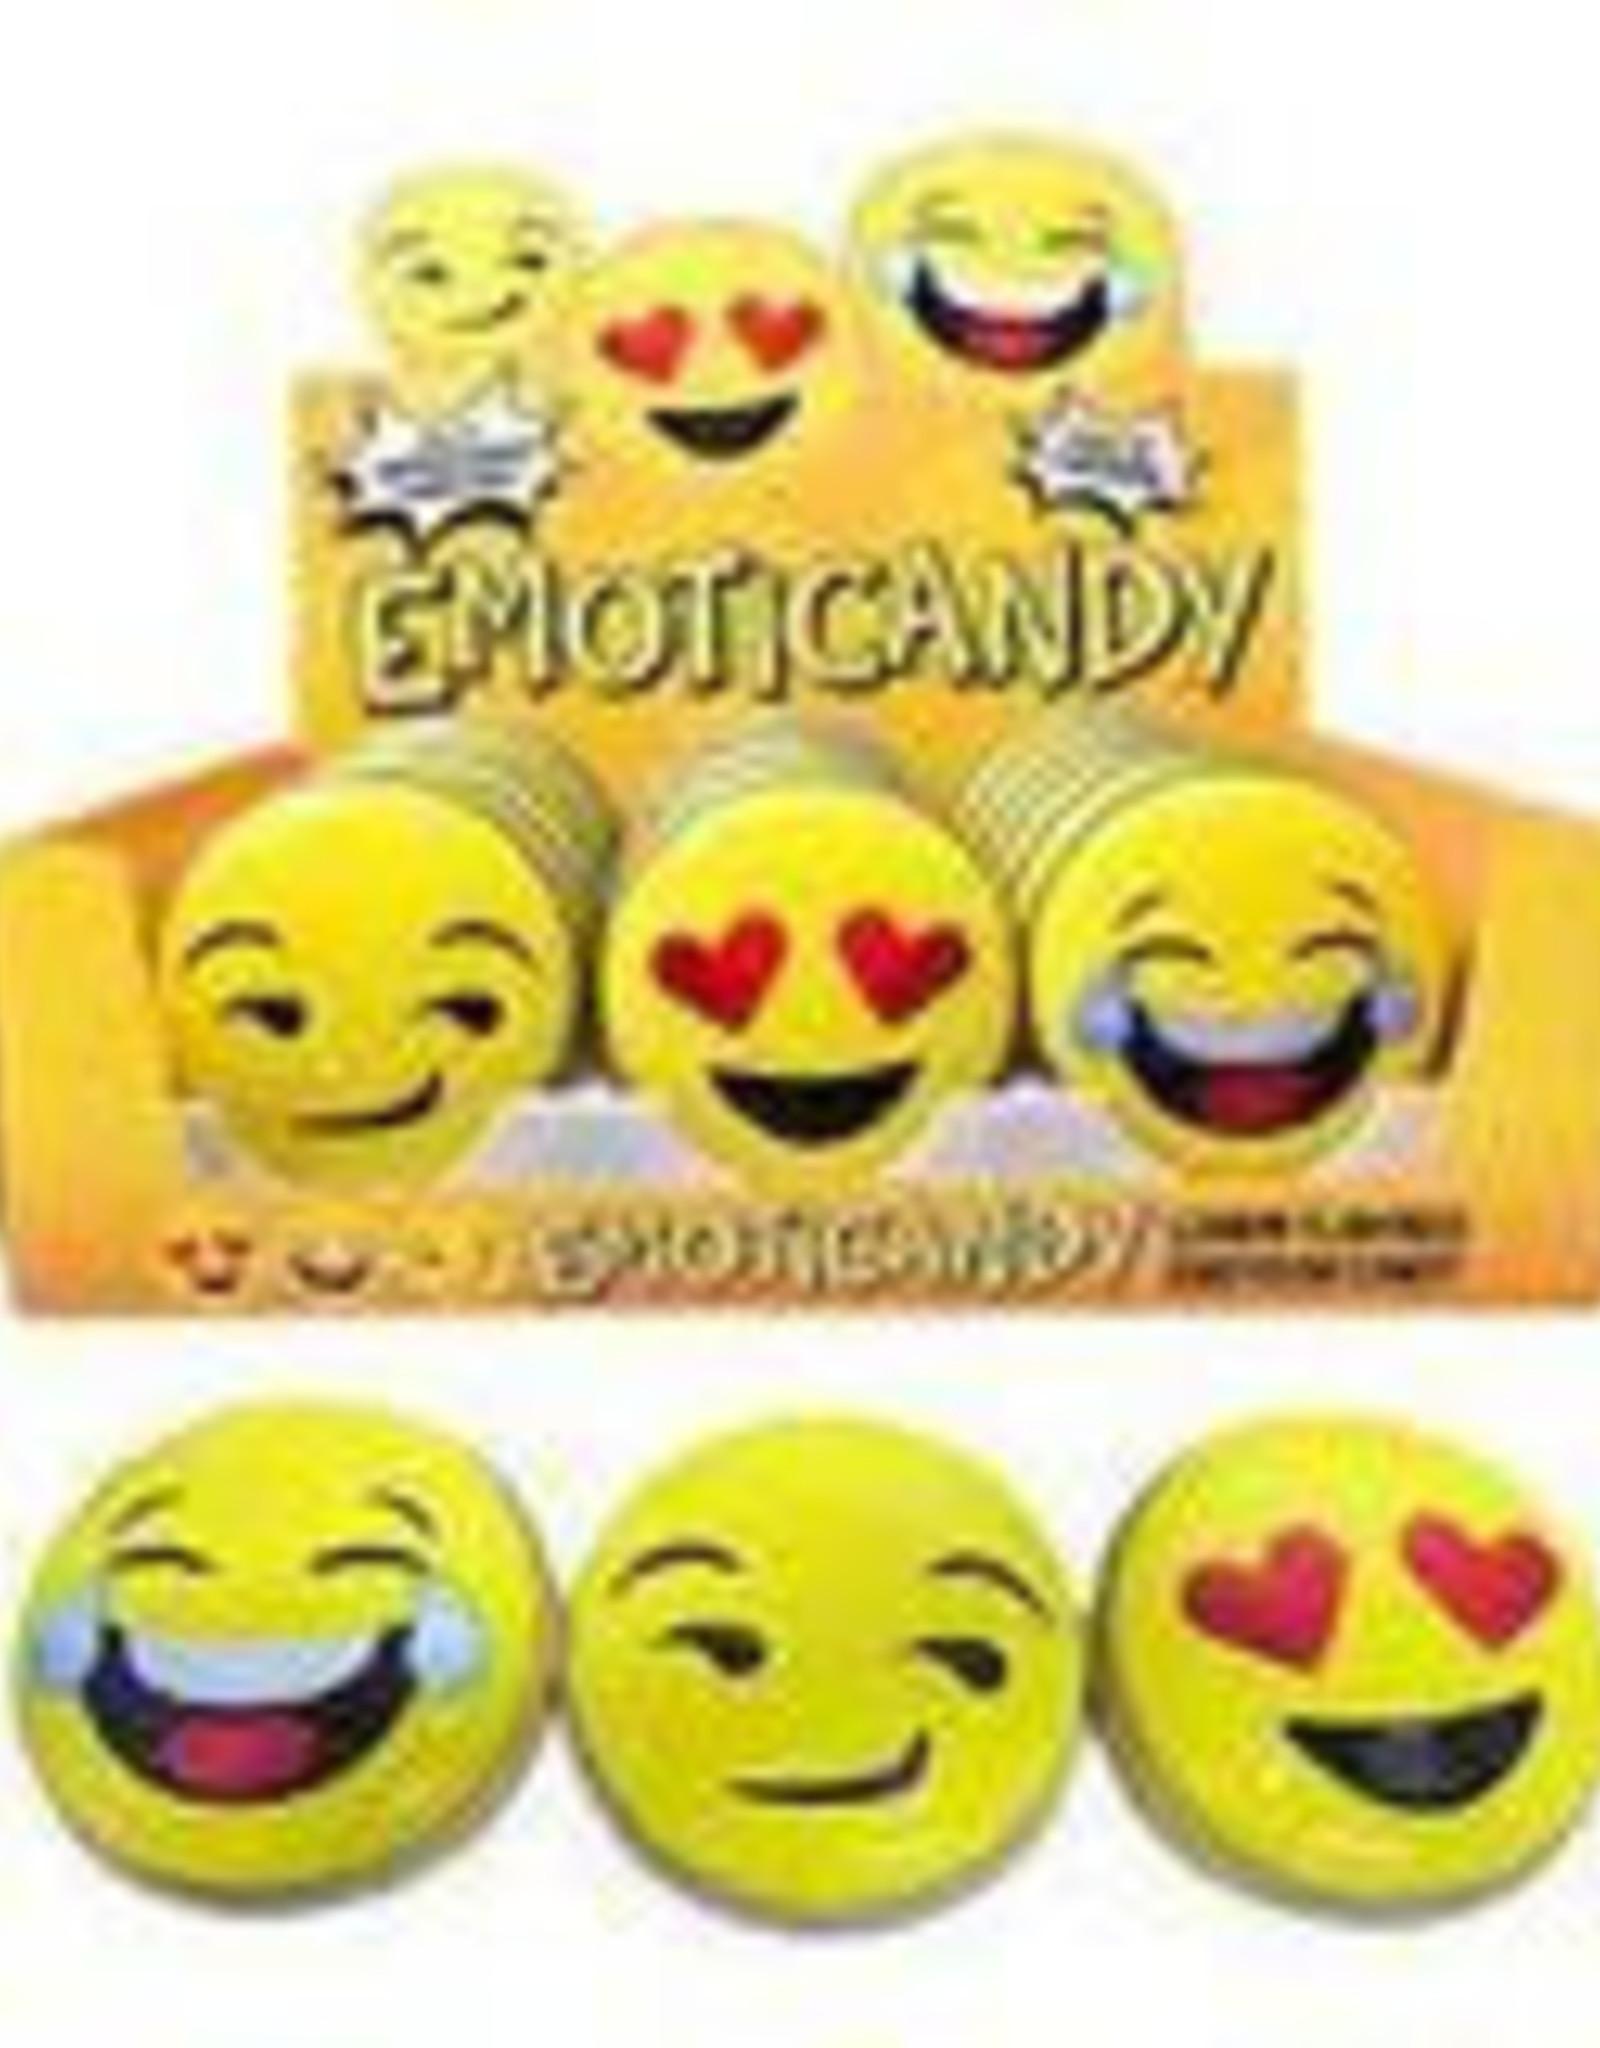 Boston America Emoticon Candy